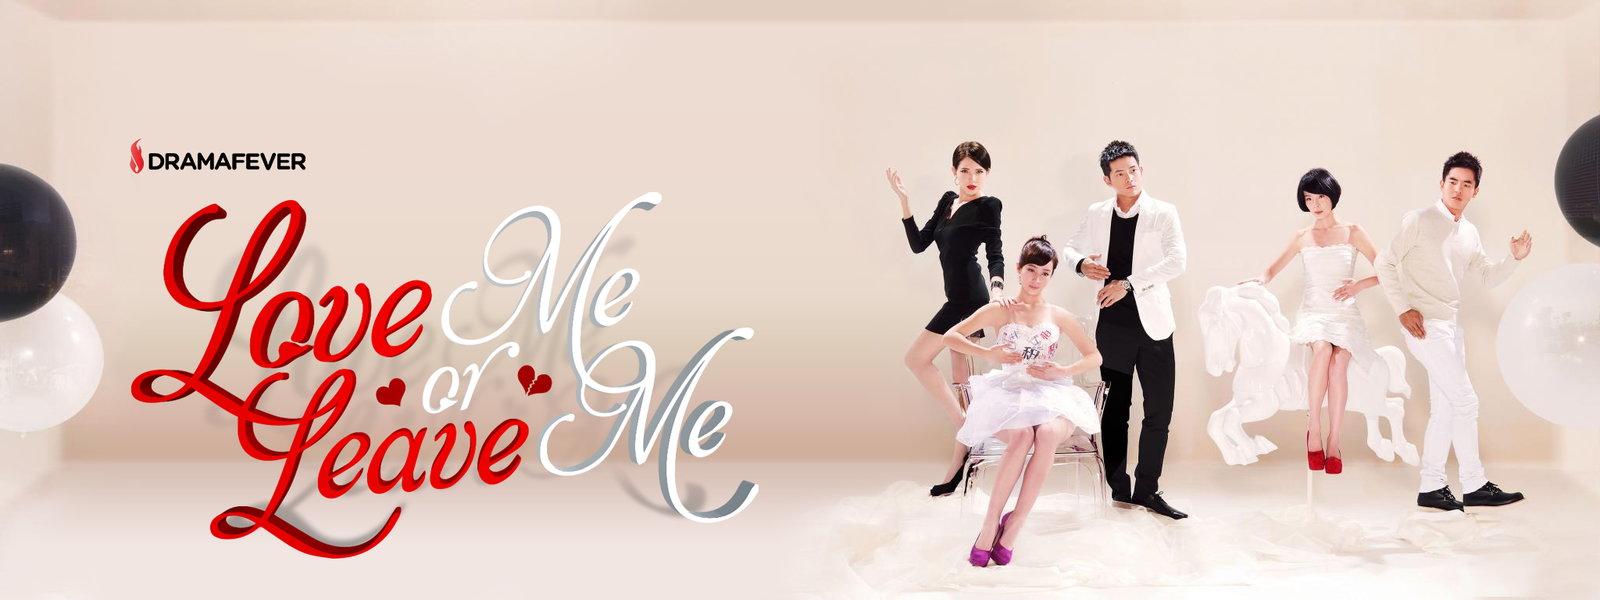 دانلود سریال تایوانی عشق من یا زندگی من